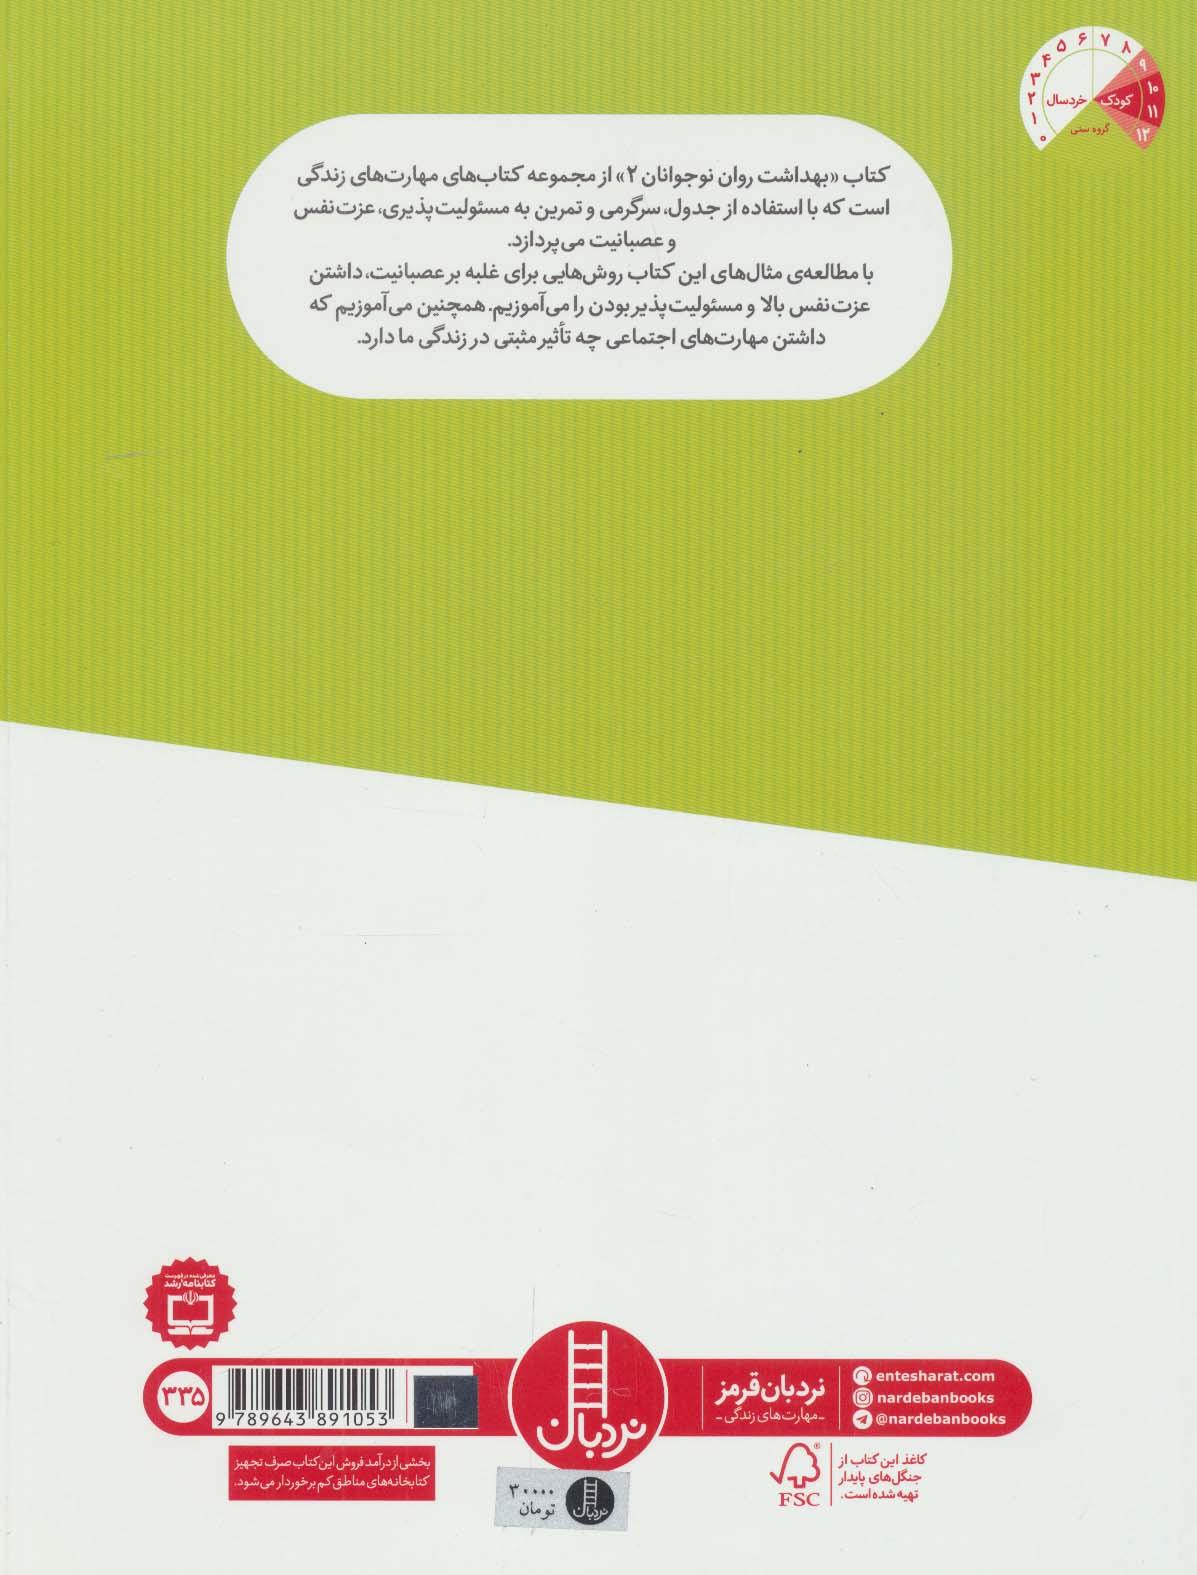 بهداشت روان نوجوانان 2 (مسئولیت پذیری،کنترل عصبانیت،عزت نفس،فشار همسالان)